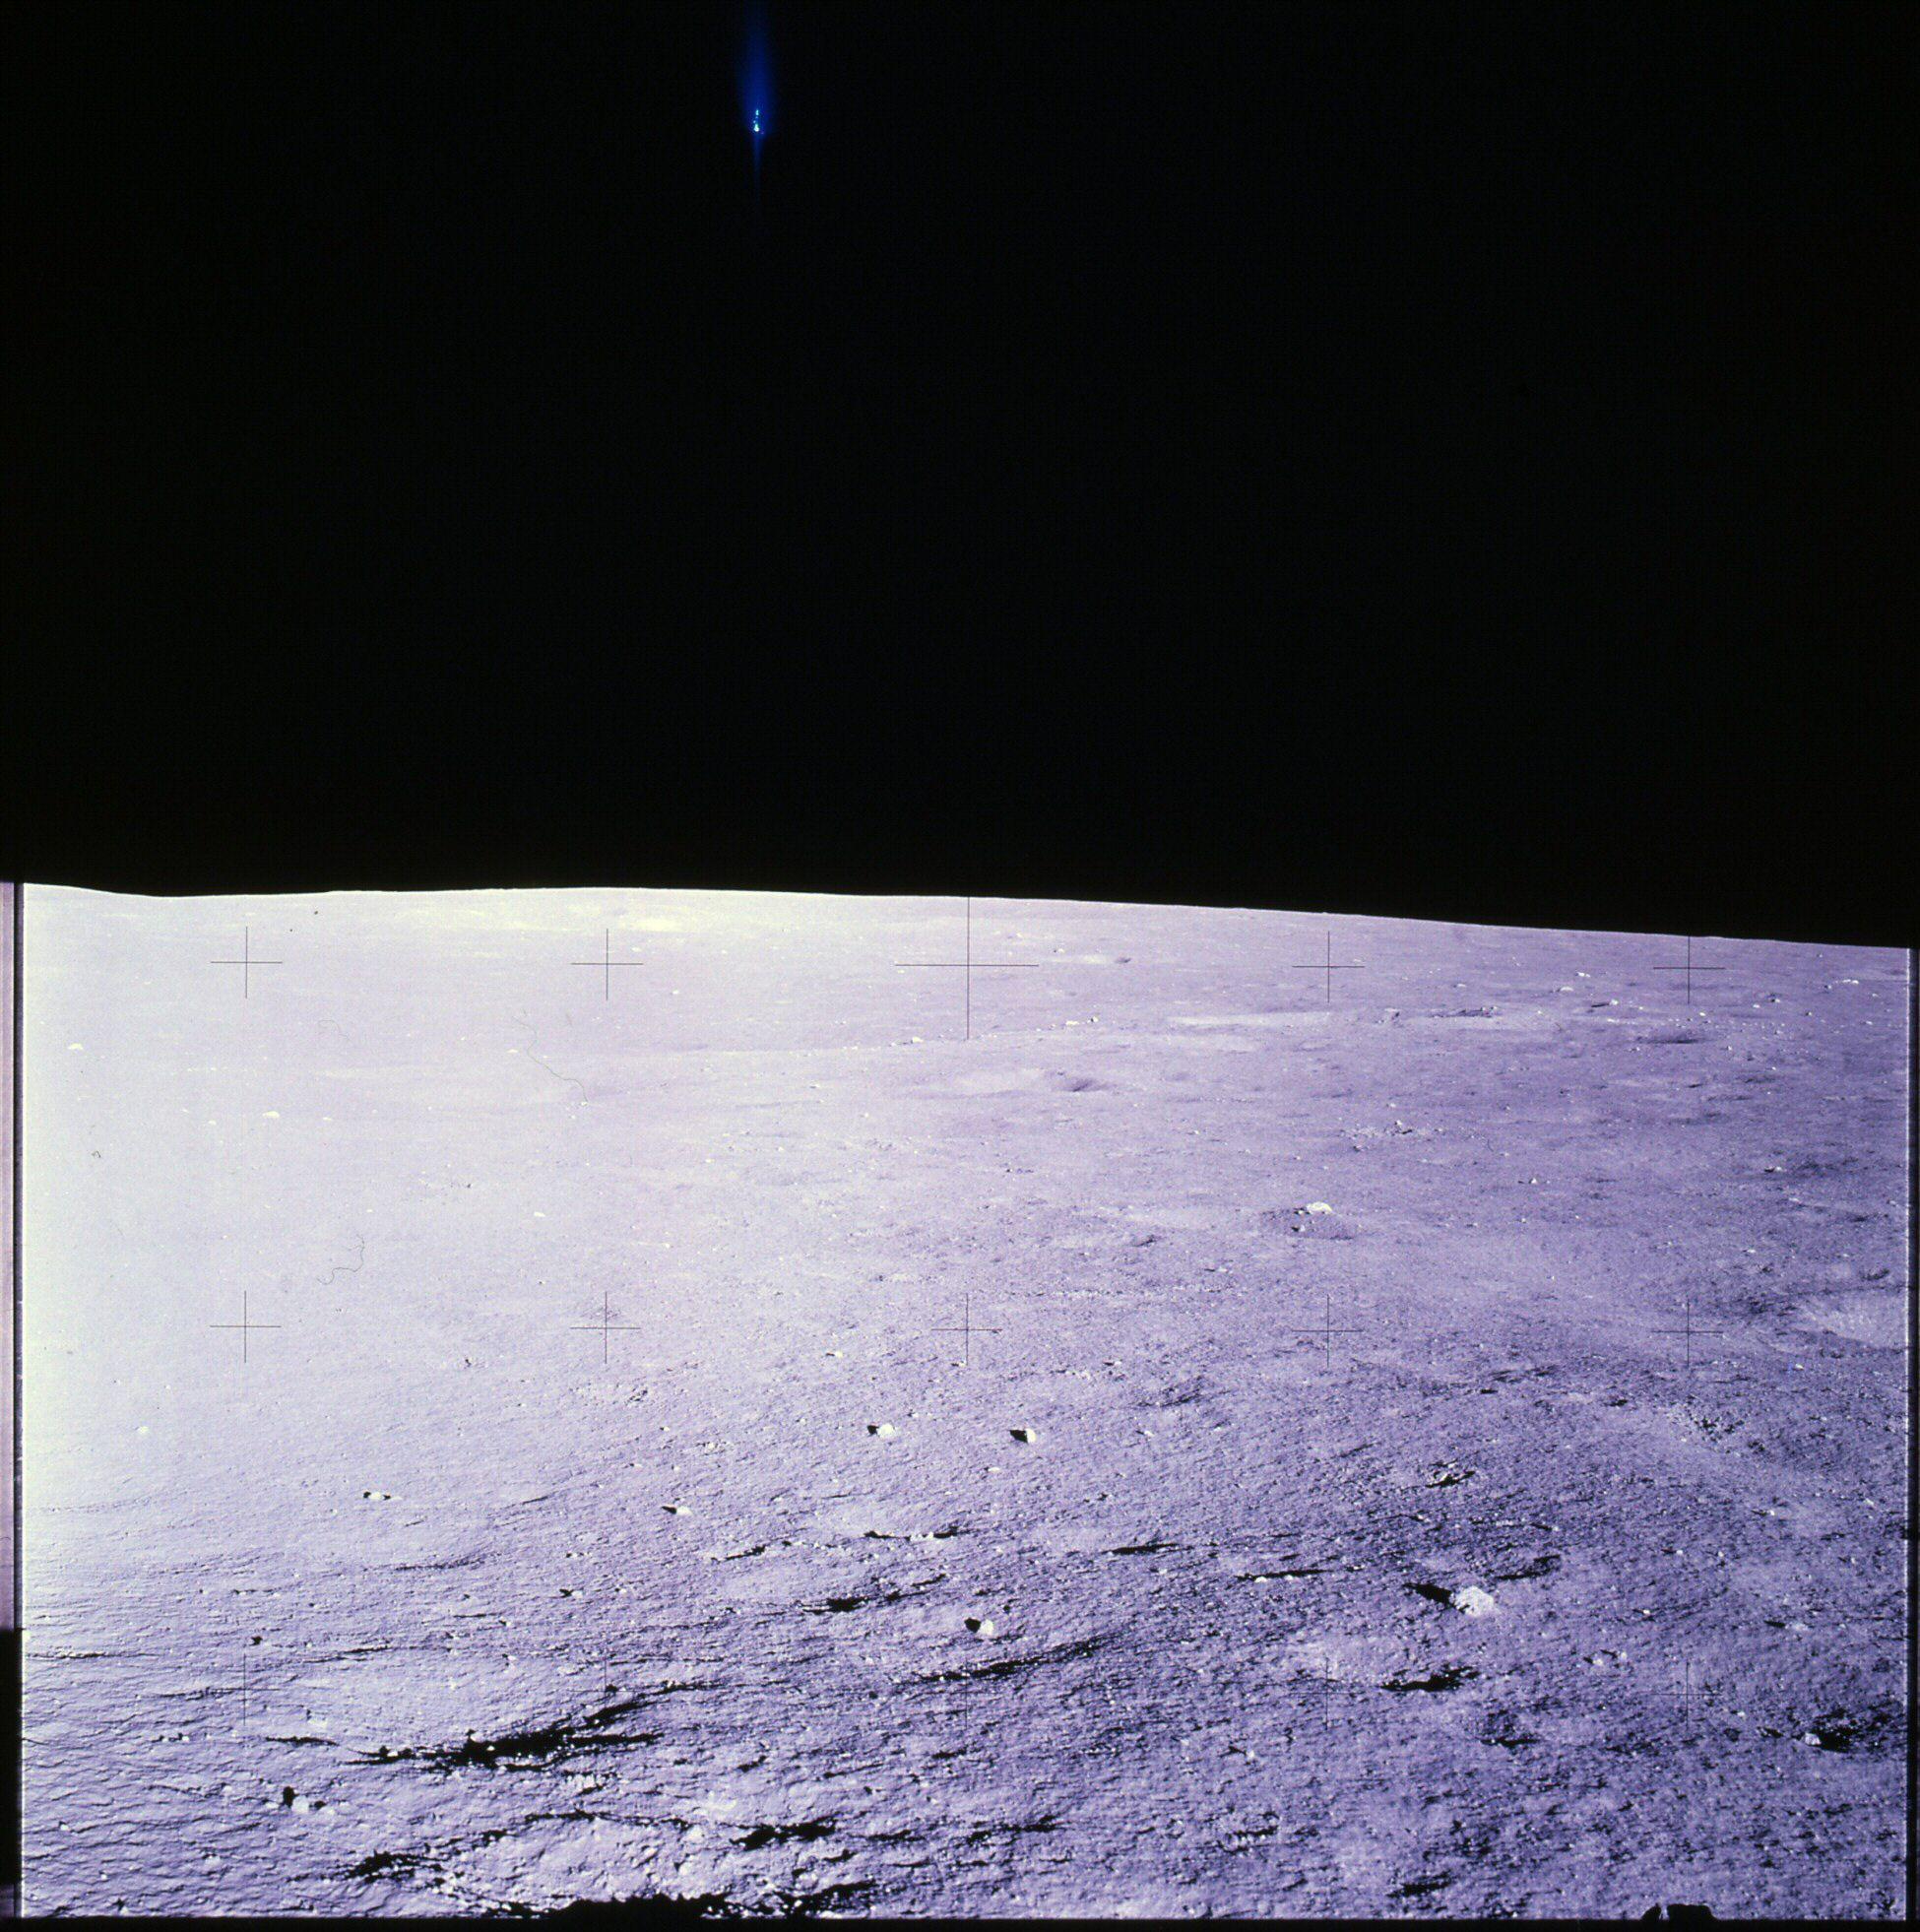 nasa moon sighting - photo #13